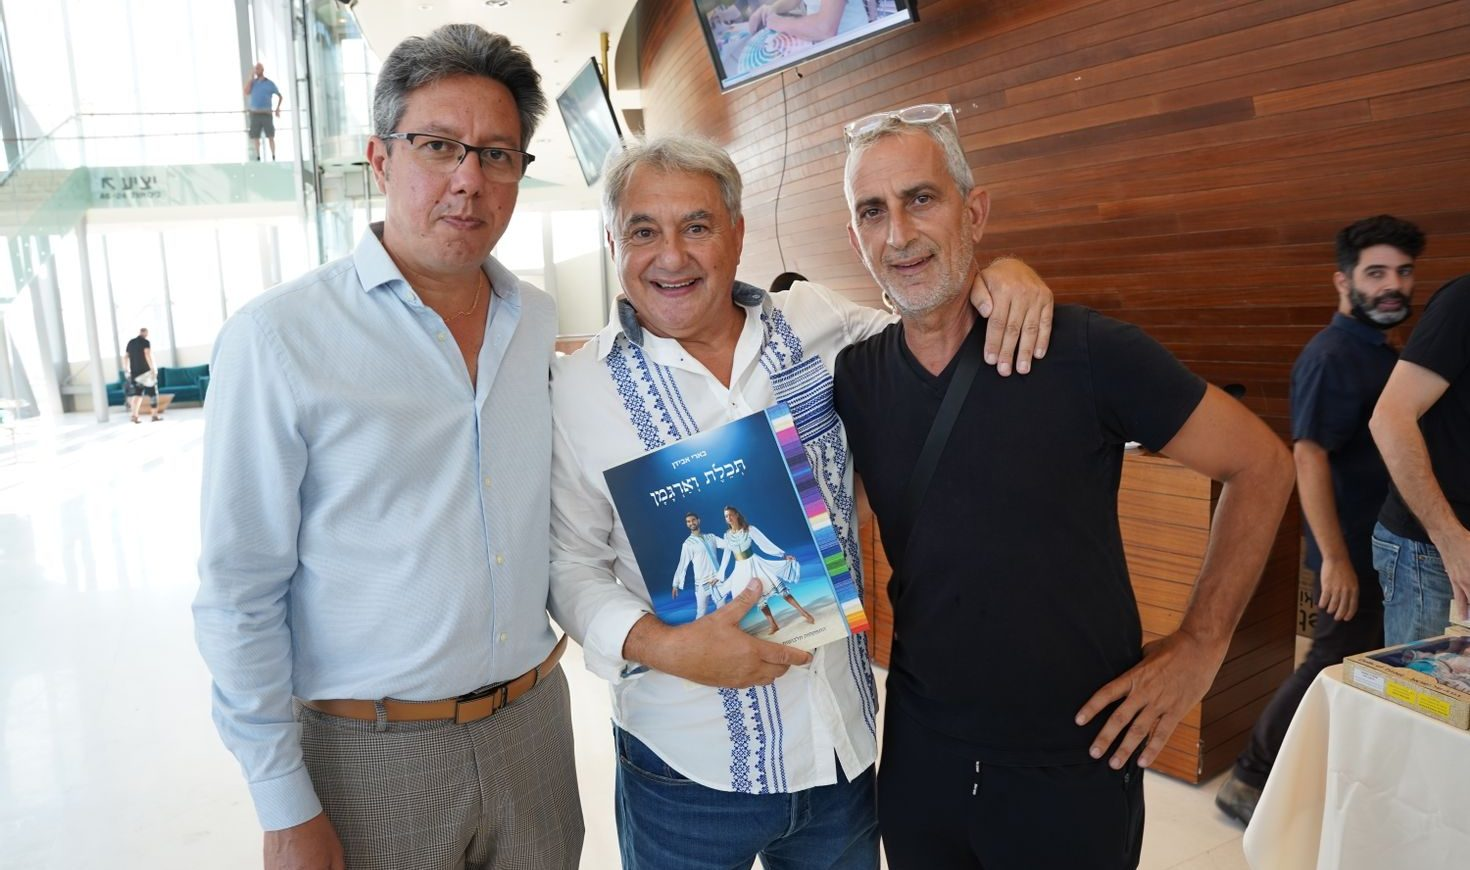 בארי אבידן בהשקת הספר עם אבי לוי ויוסי עטר. צילום: ליאור יצחק